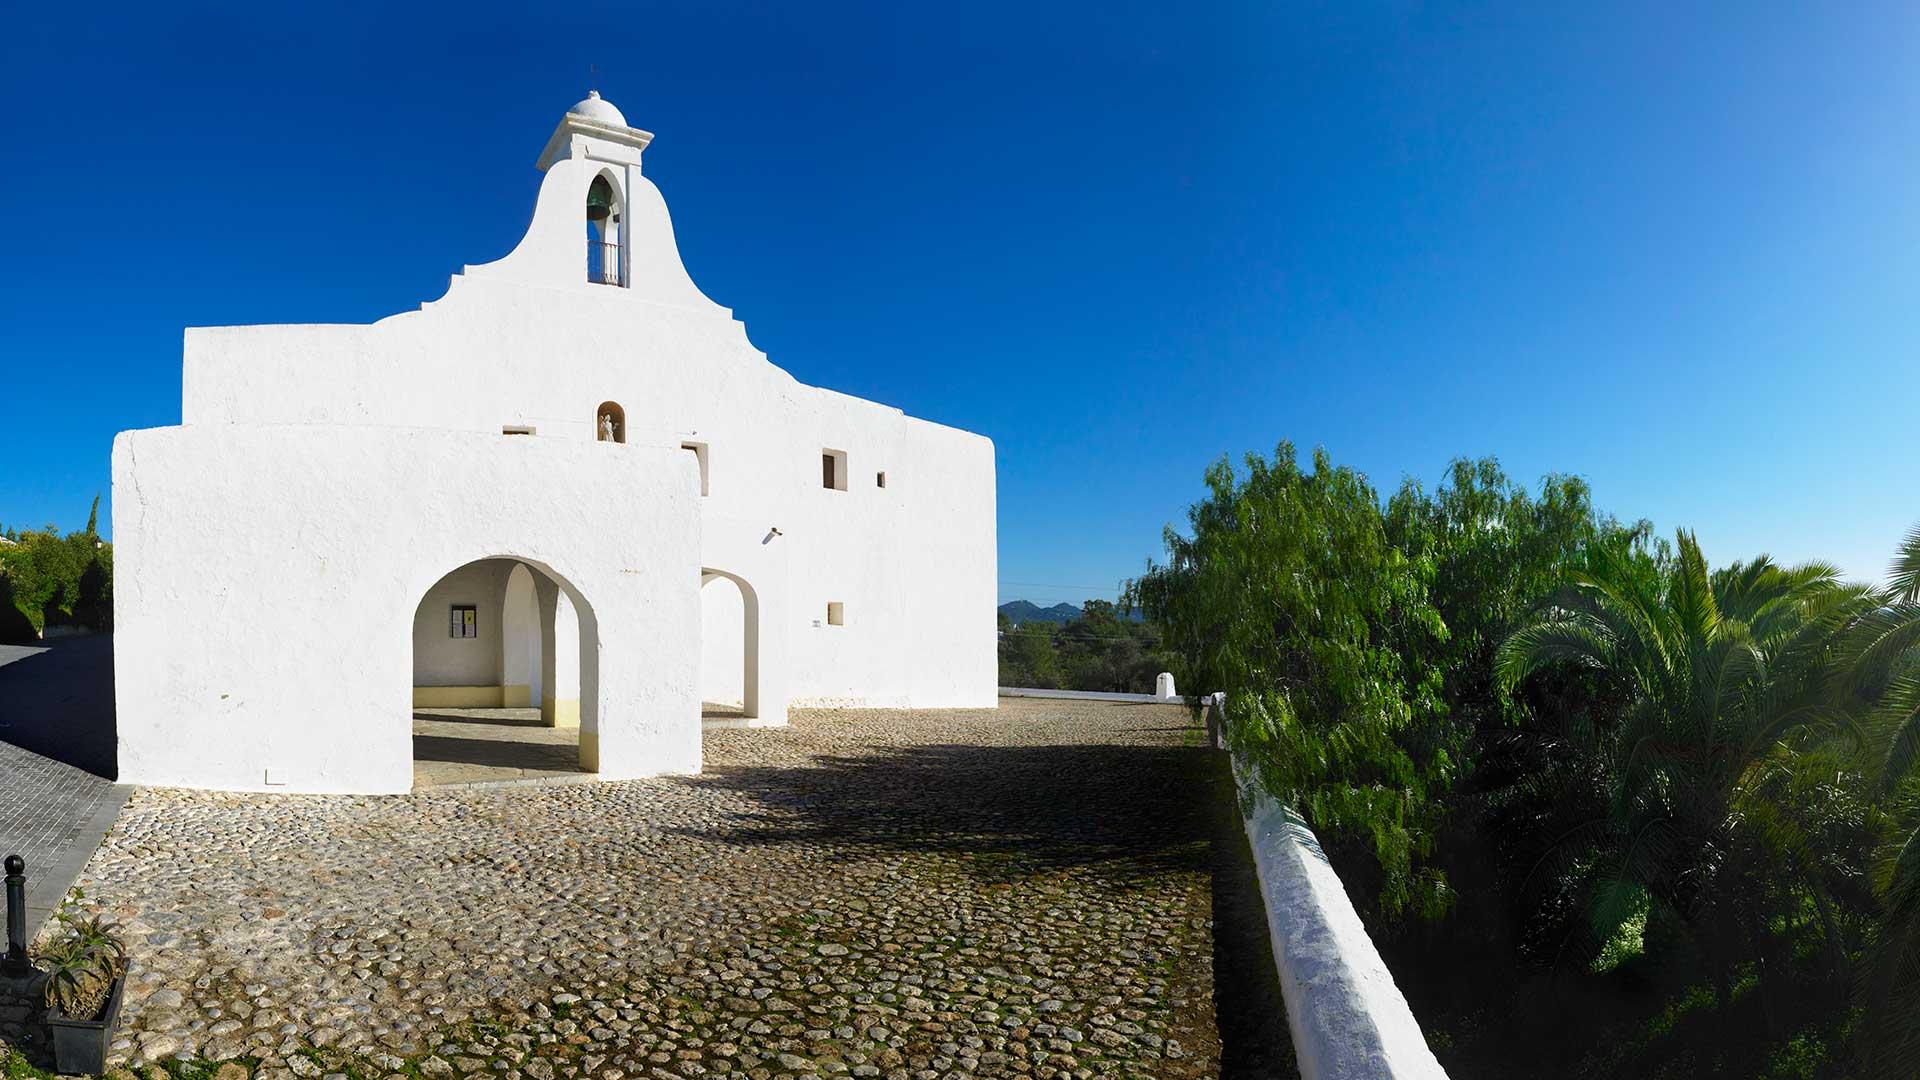 Imagen  Descubre la mística Ruta de las Iglesias blancas de Ibiza